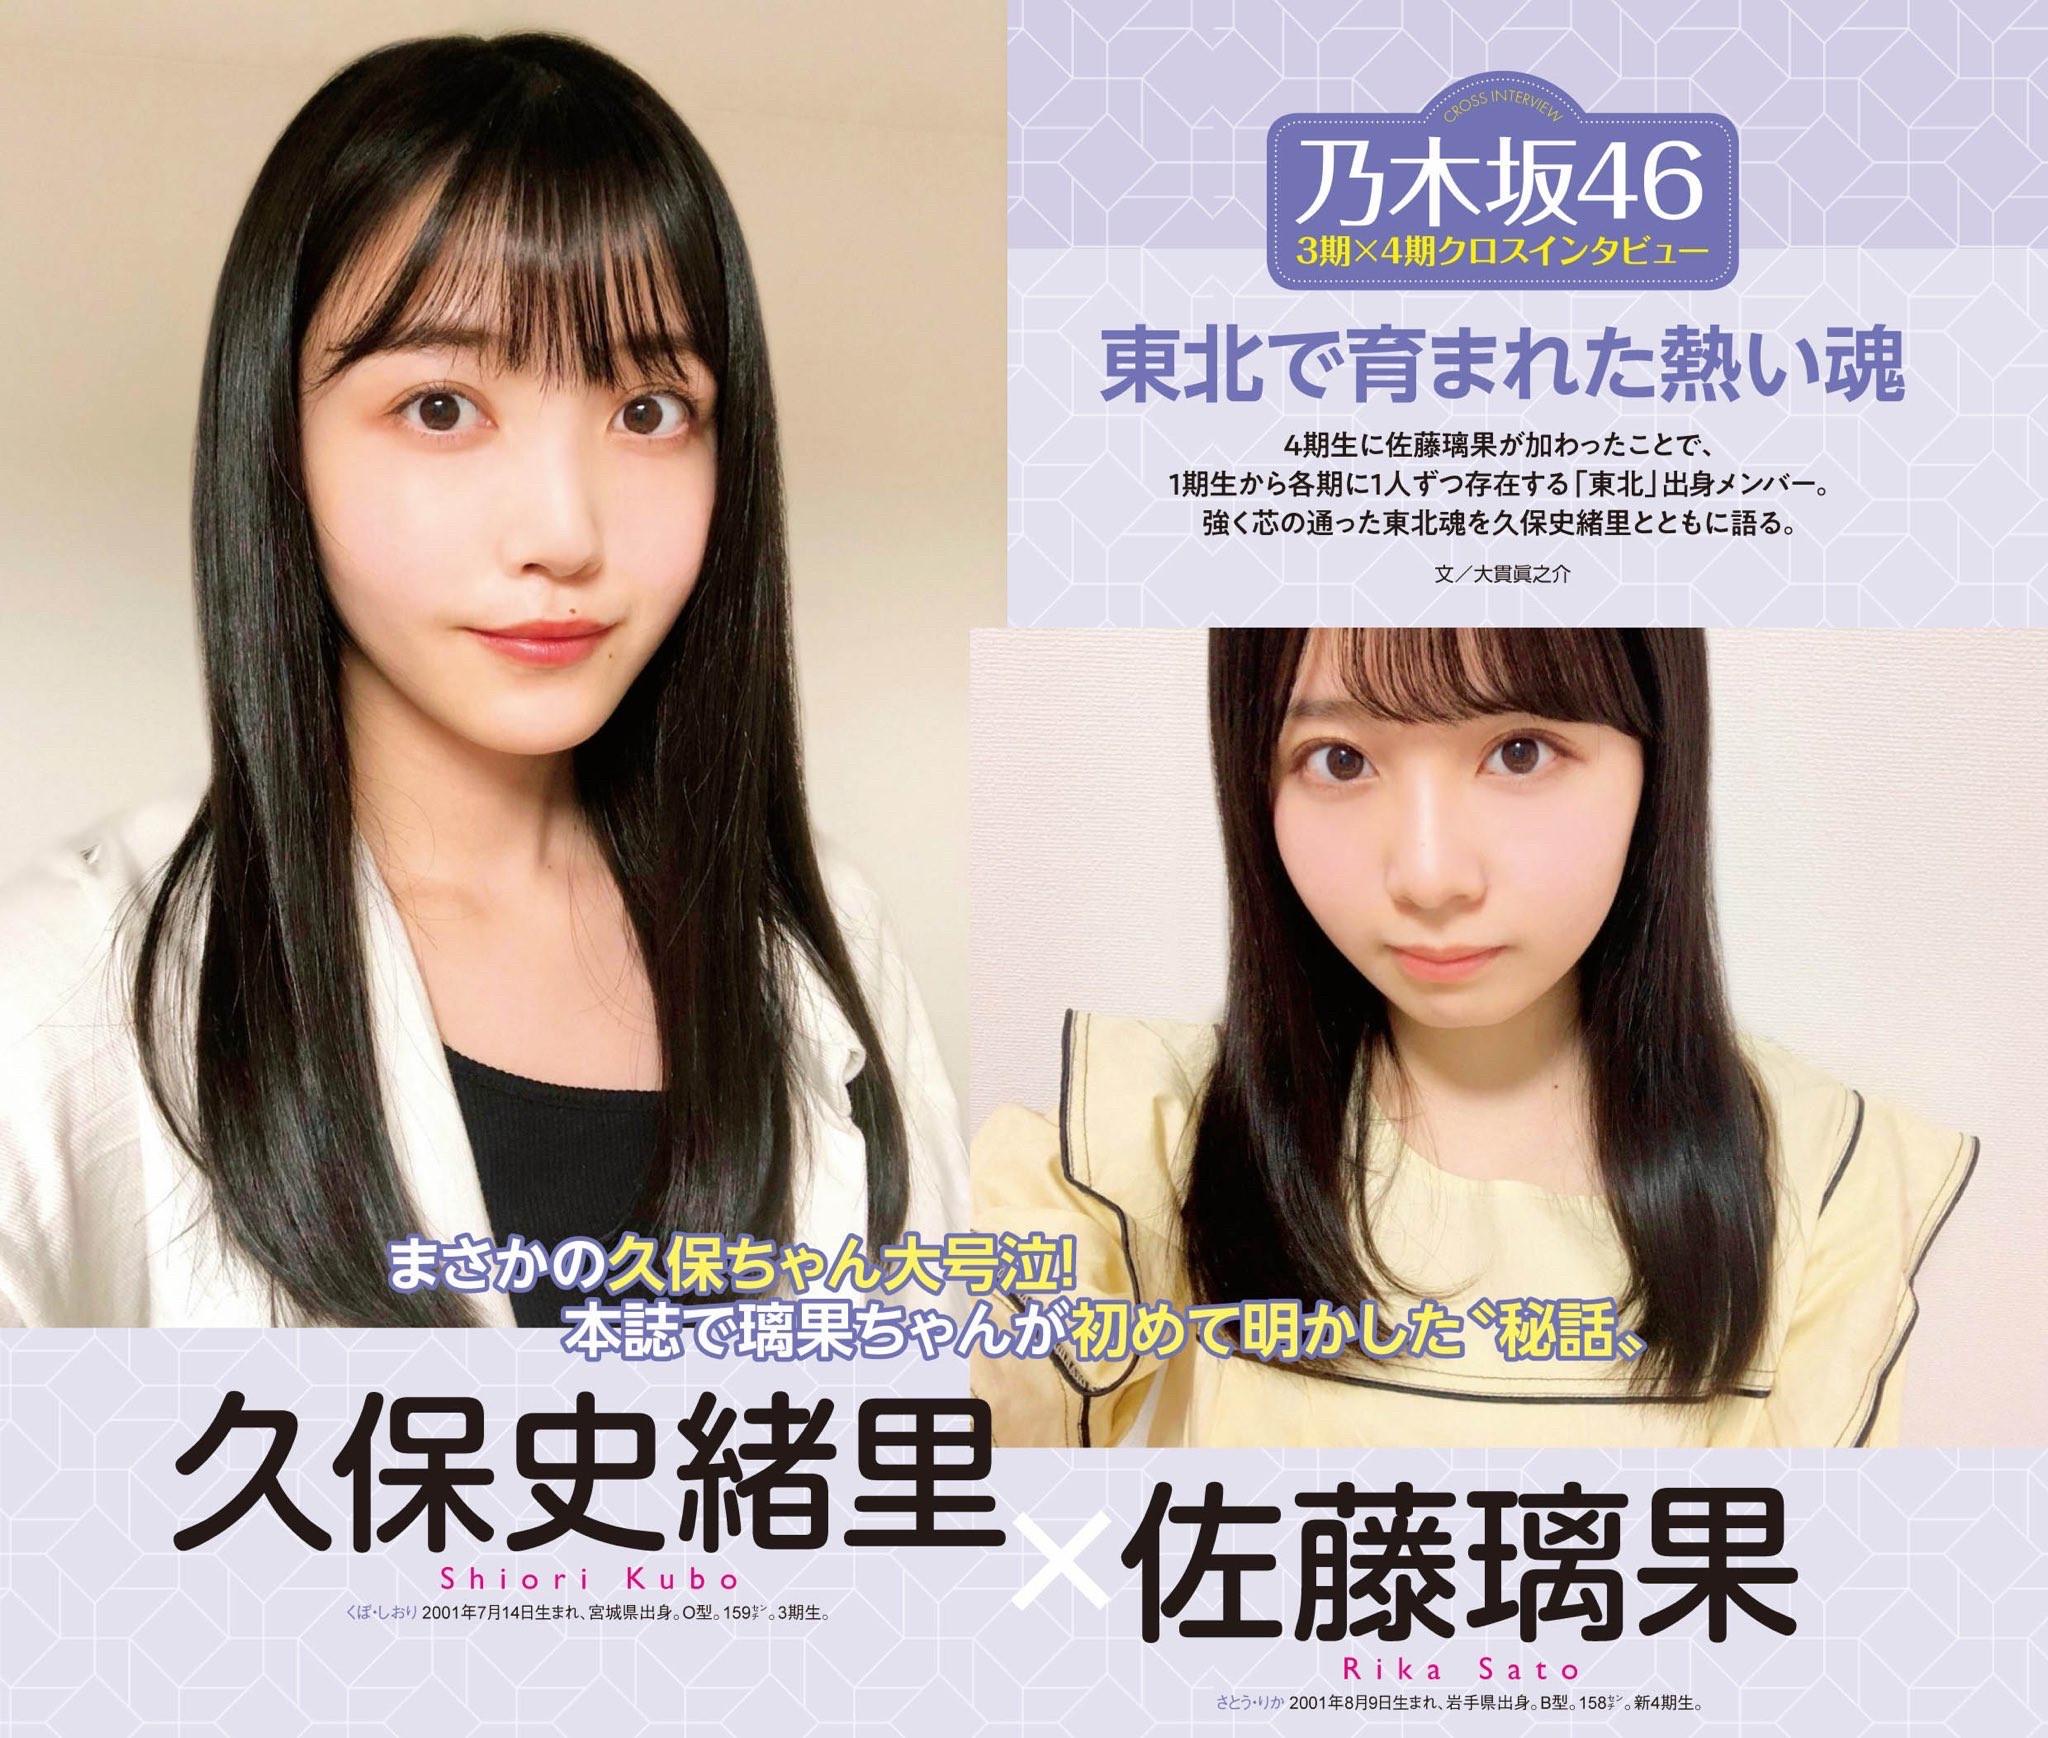 月刊エンタメ 9・10月合併号 久保史緒里 佐藤璃果 東北魂対談